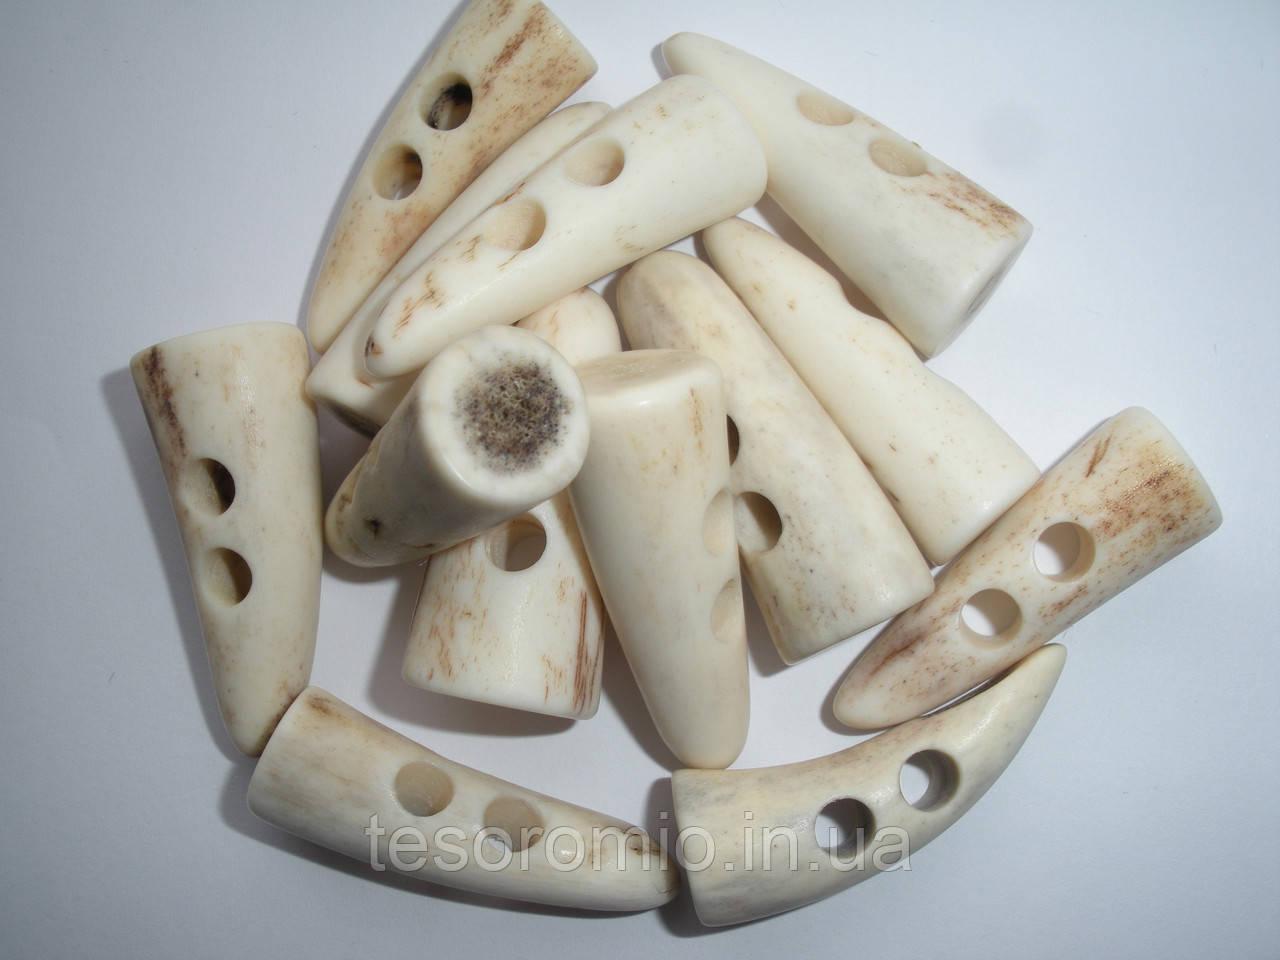 Пуговица натуральная костяная для навесной застежки, 3.5см